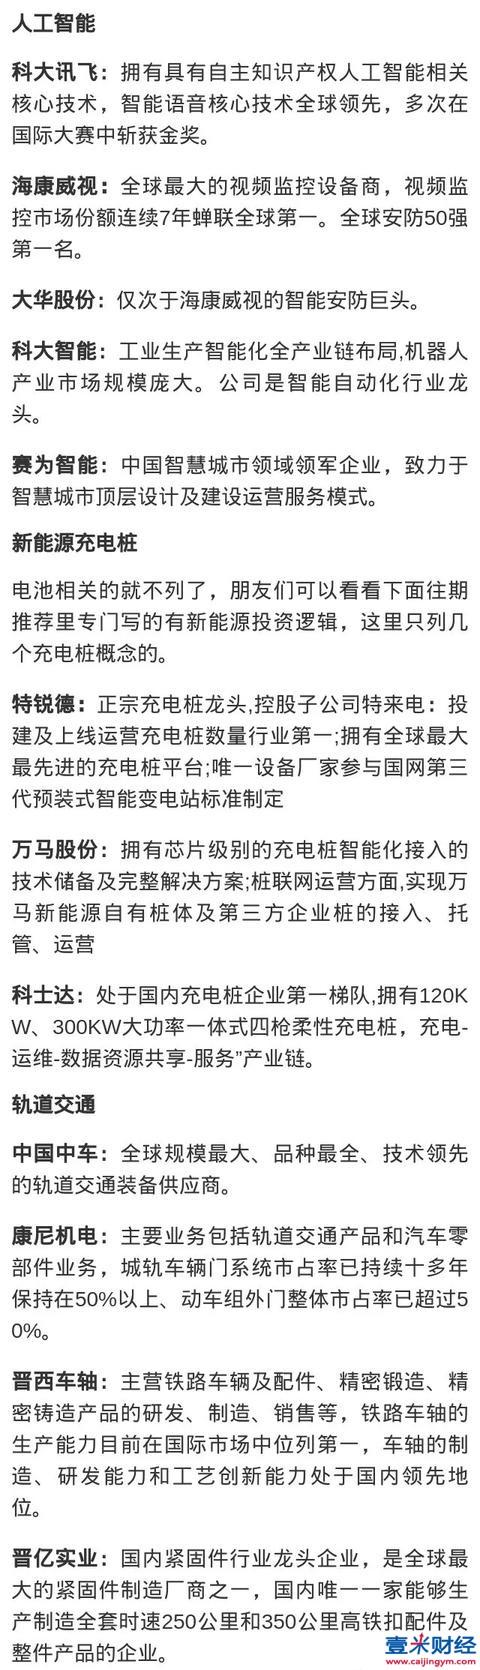 中国A股:新基建七大板块龙头个股(名单)